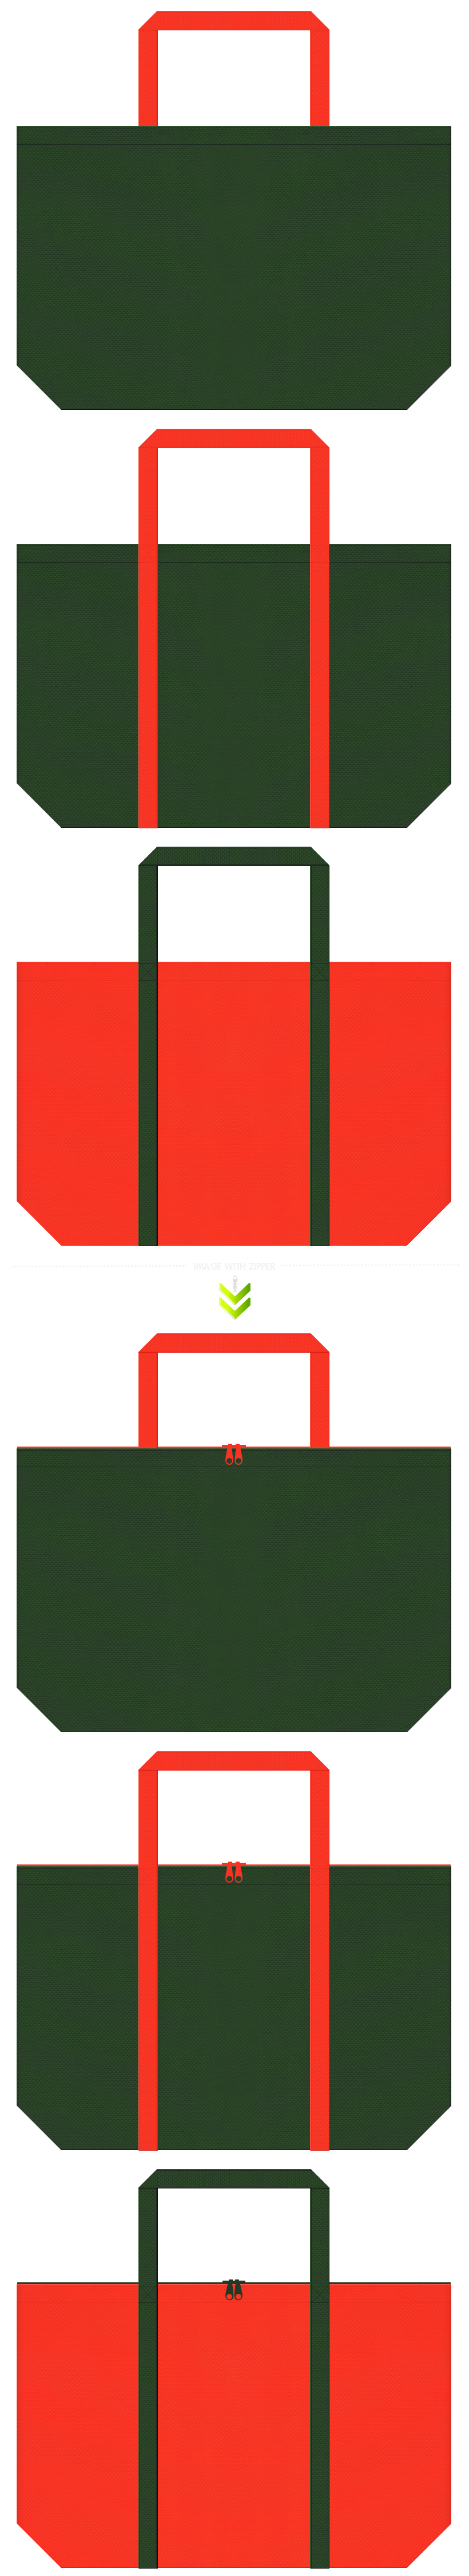 バーベキュー・登山・アウトドア・キャンプ・パンプキン・ハロウィン・コスプレ衣装のショッピングバッグにお奨めの不織布バッグデザイン:濃緑色・深緑色とオレンジ色のコーデ